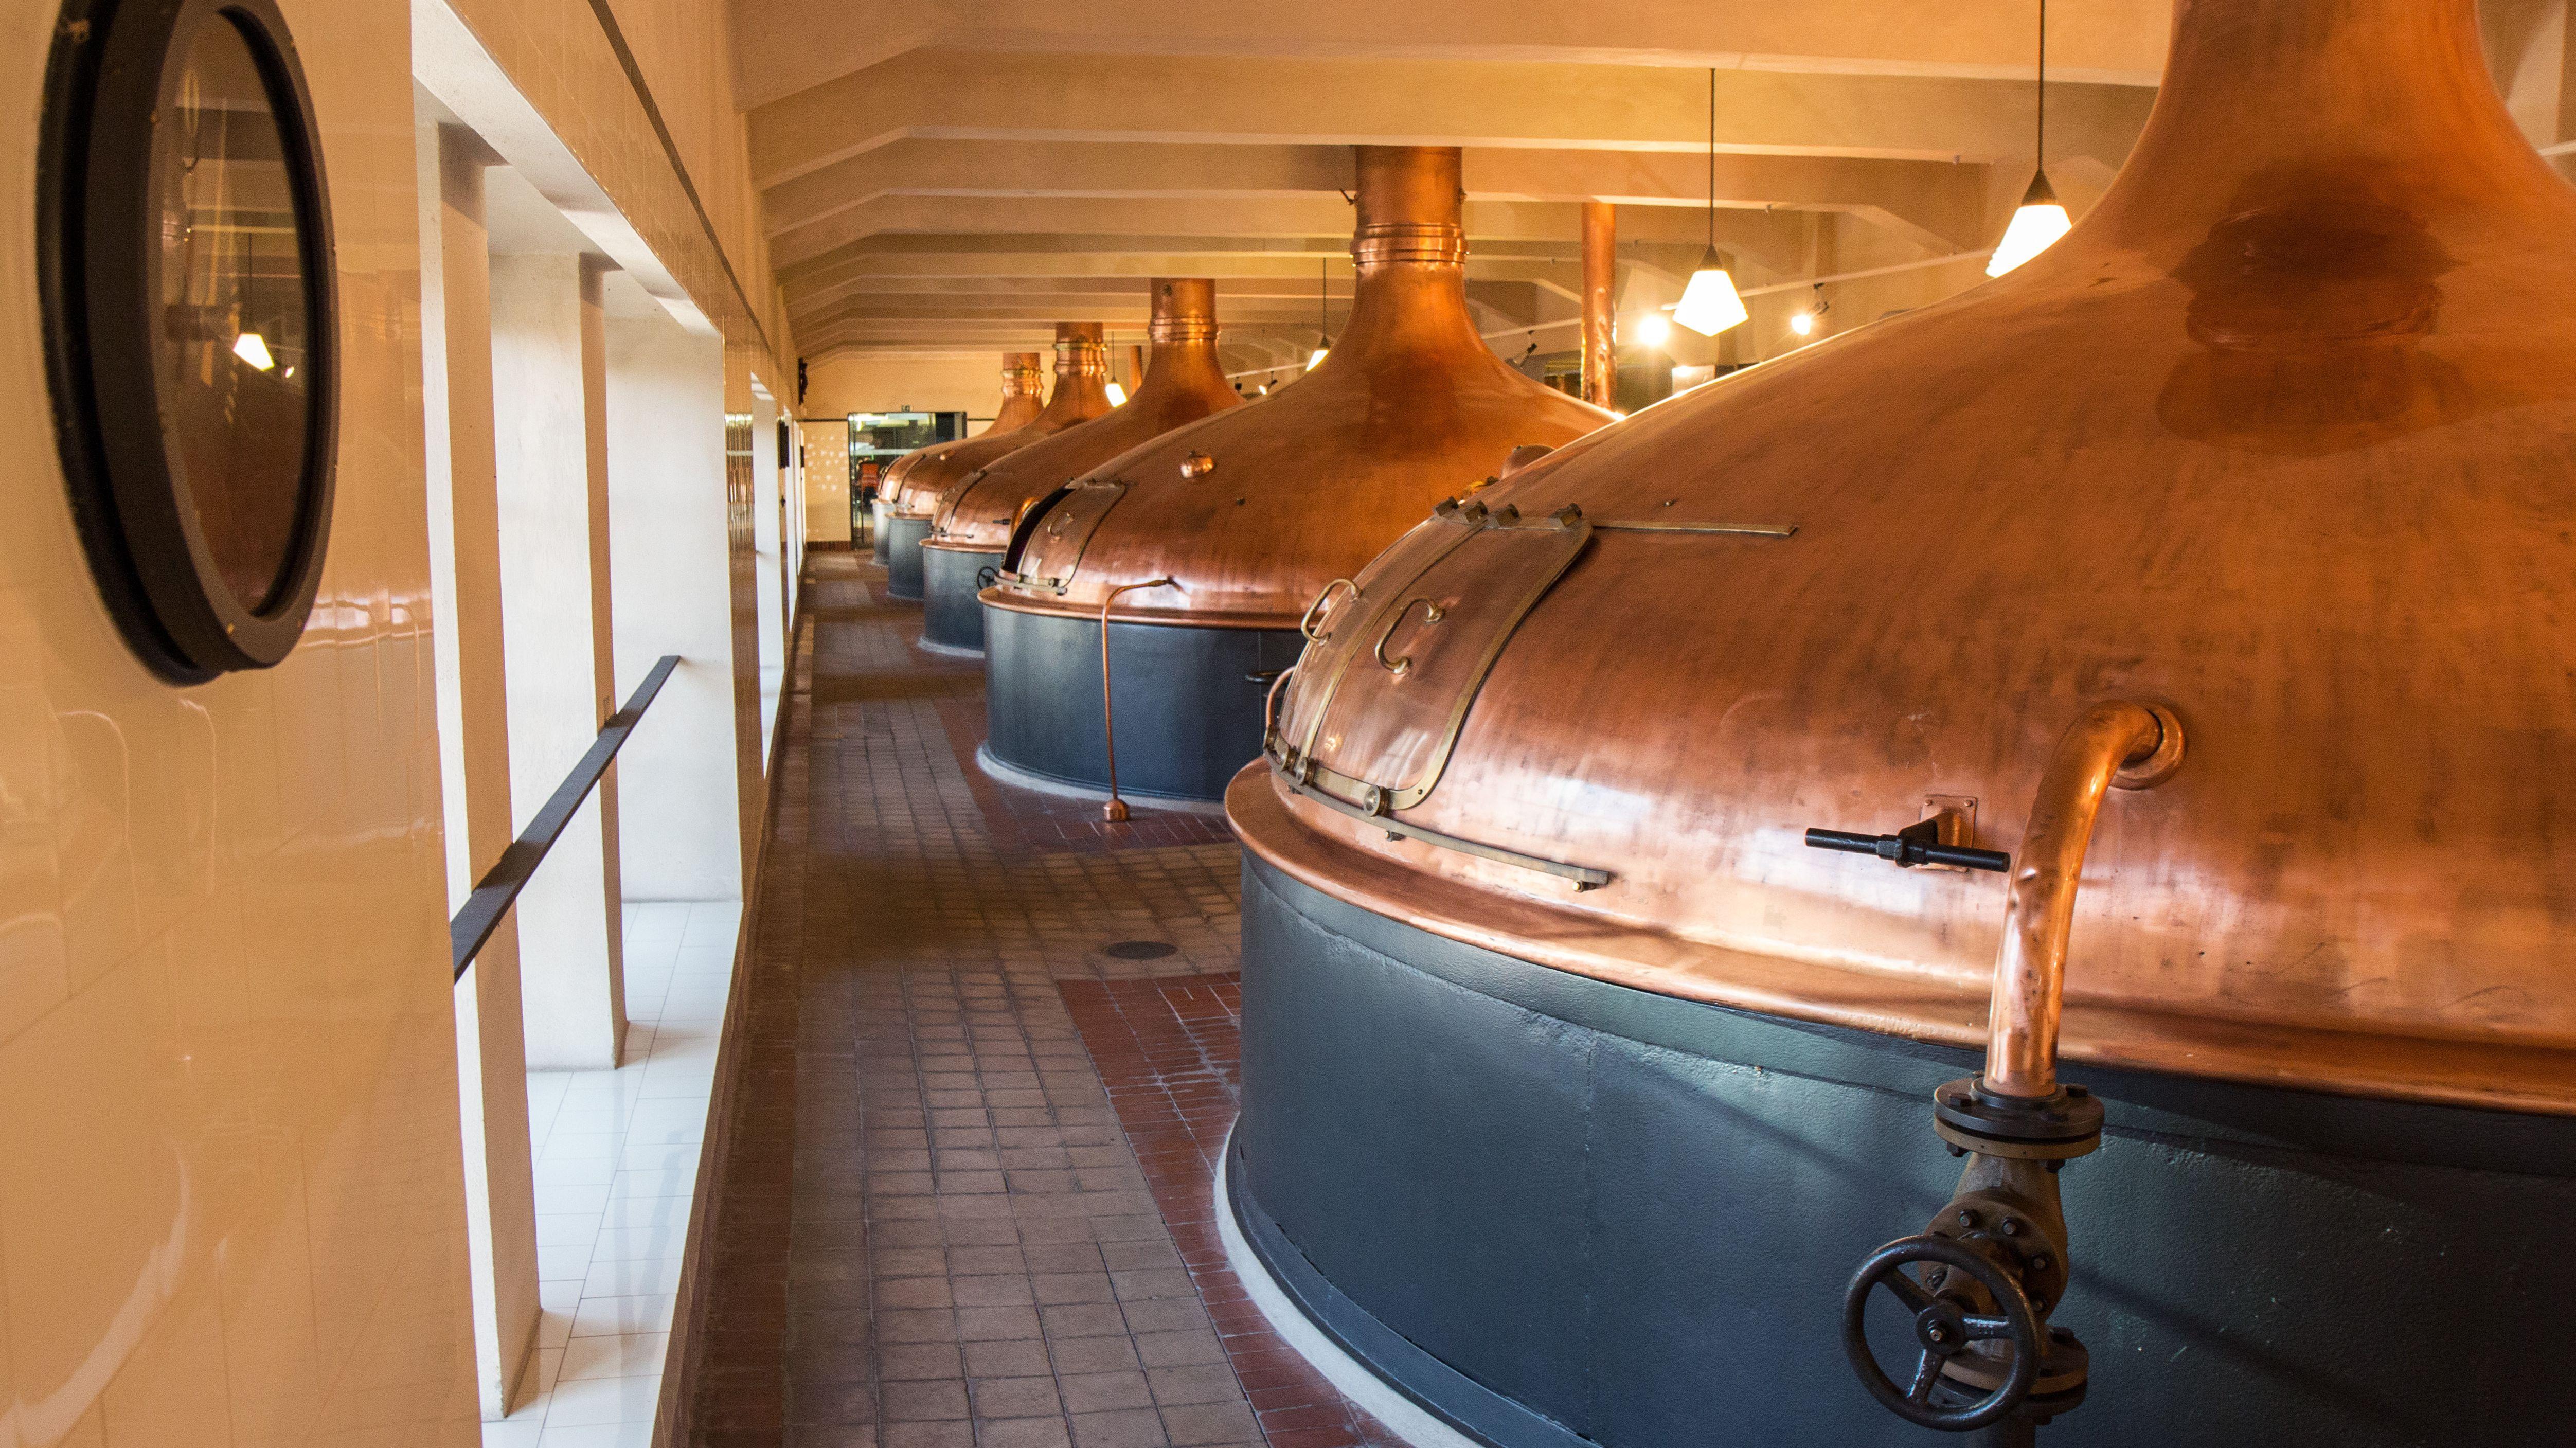 Historisches Sudhaus der Pilsner Urquell Brauerei in Pilsen